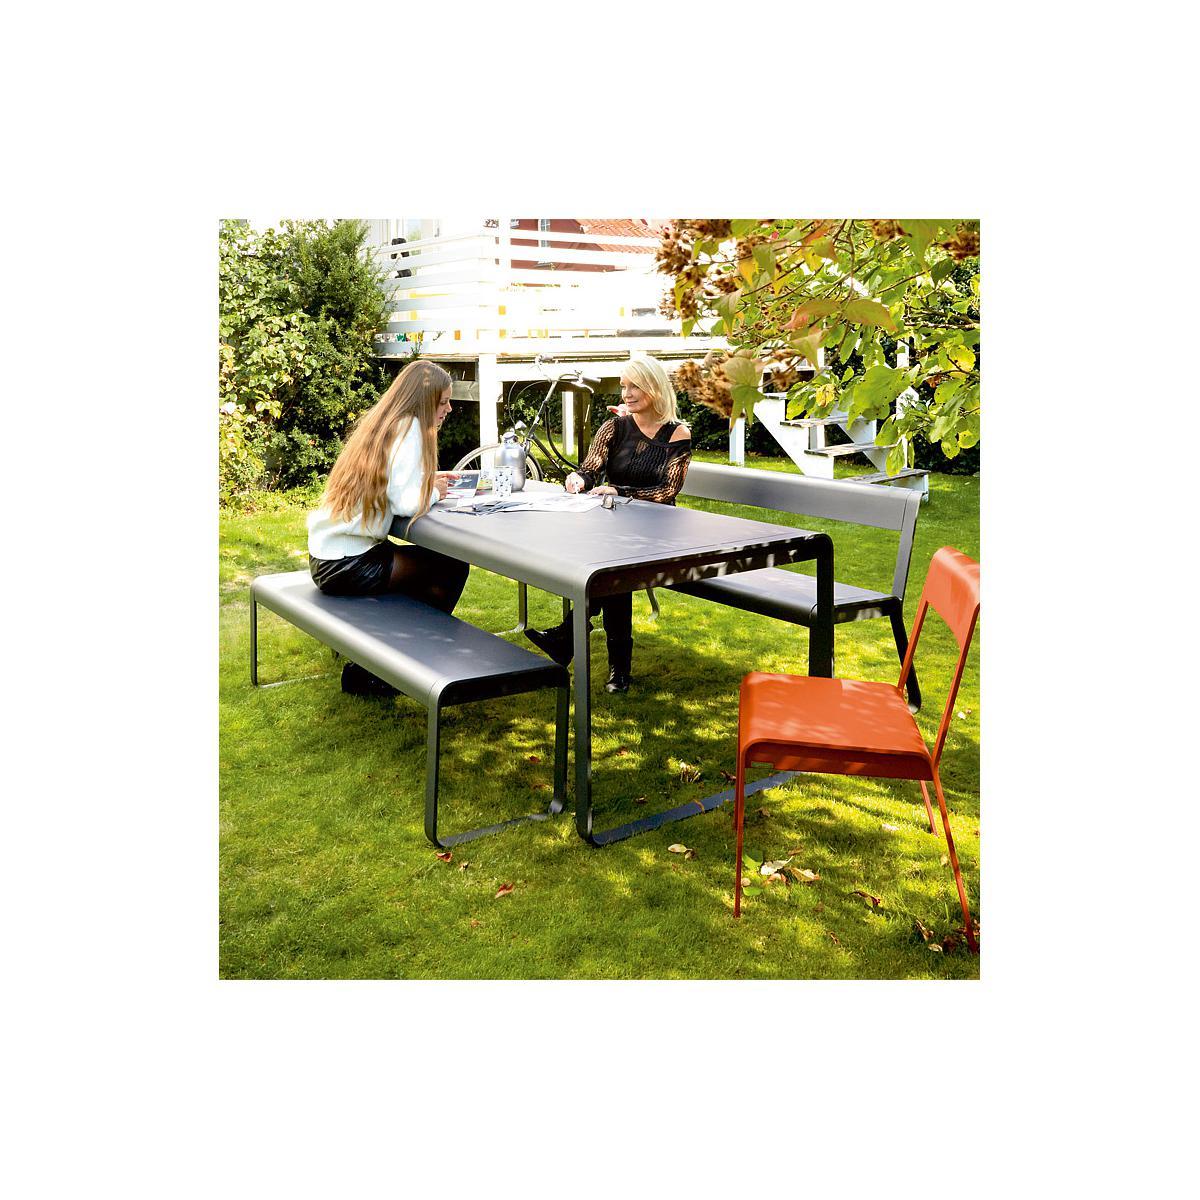 Table de jardin BELLEVIE Fermob gris orage